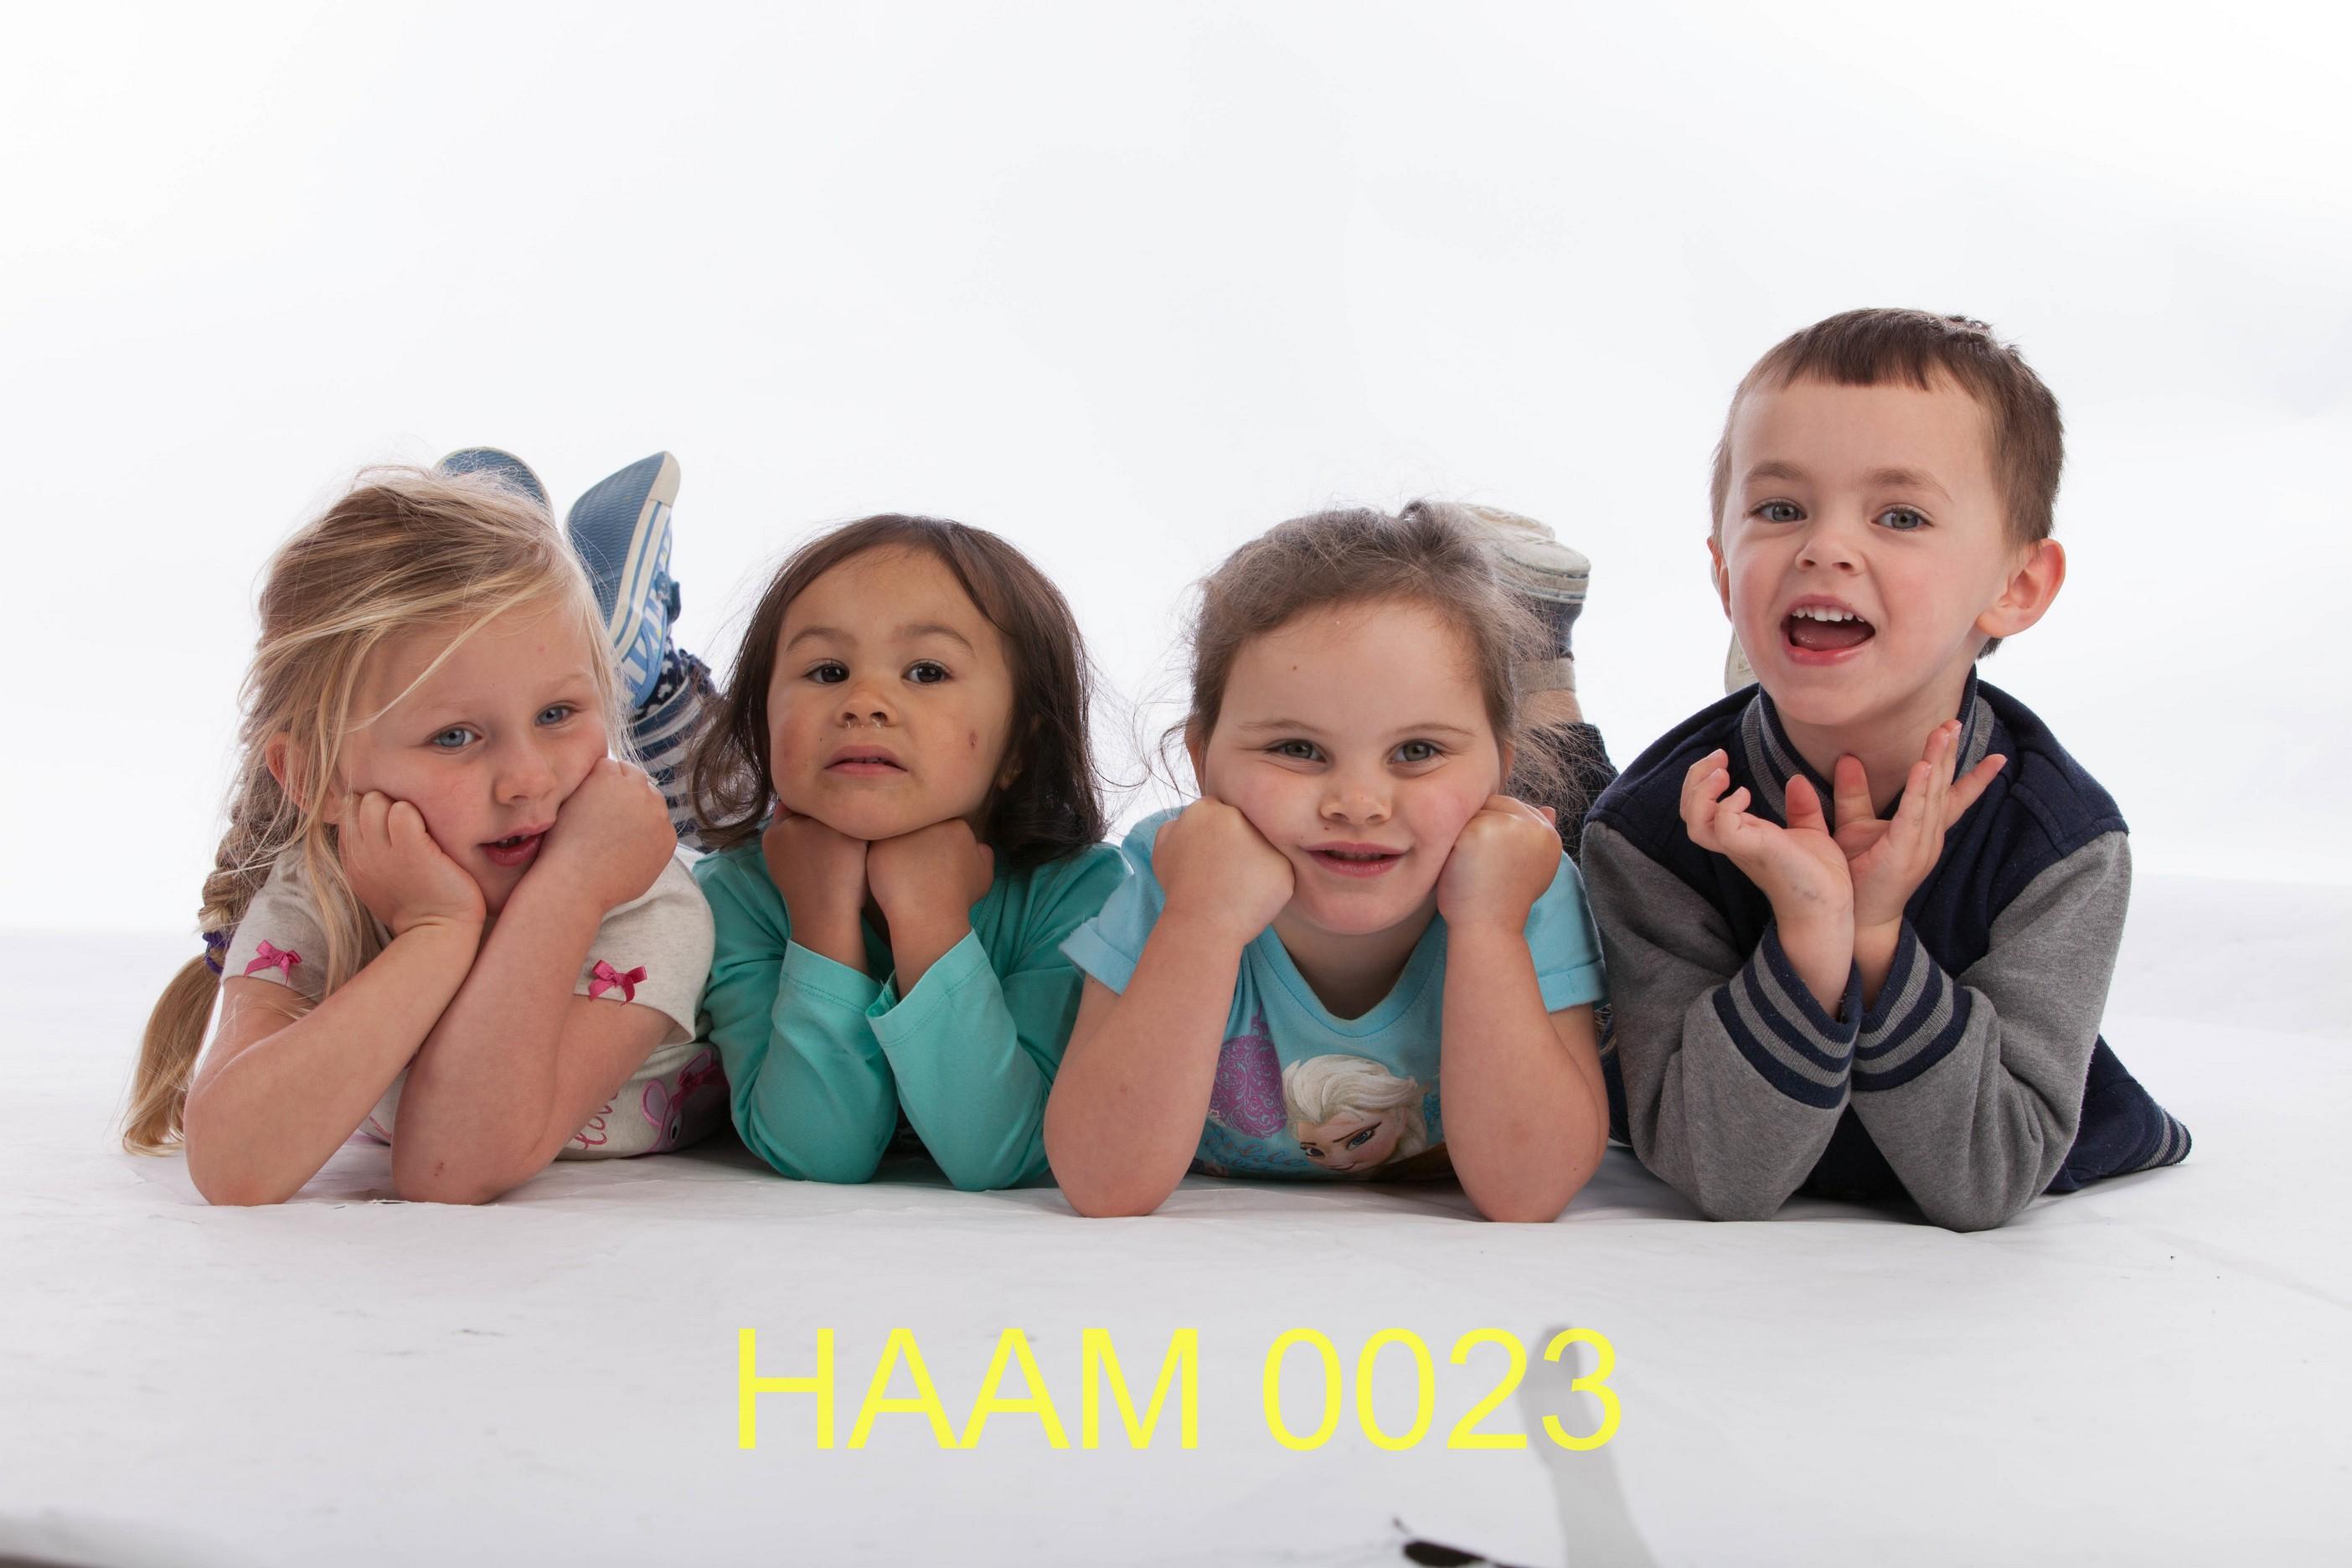 HAAM 0023